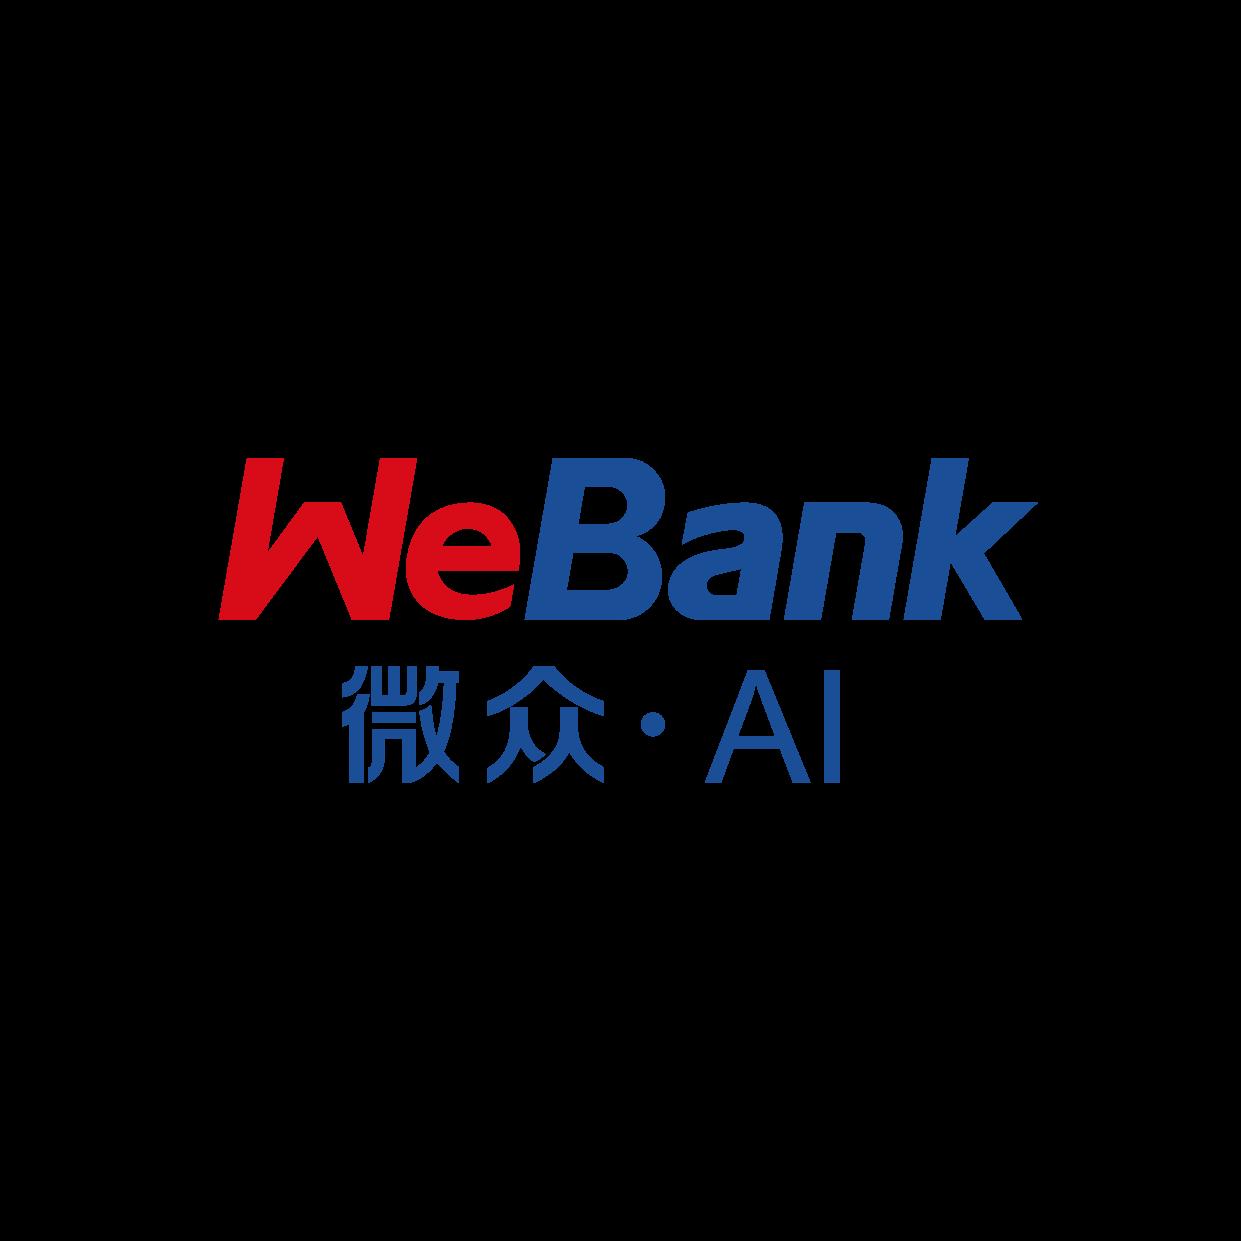 微众银行AI